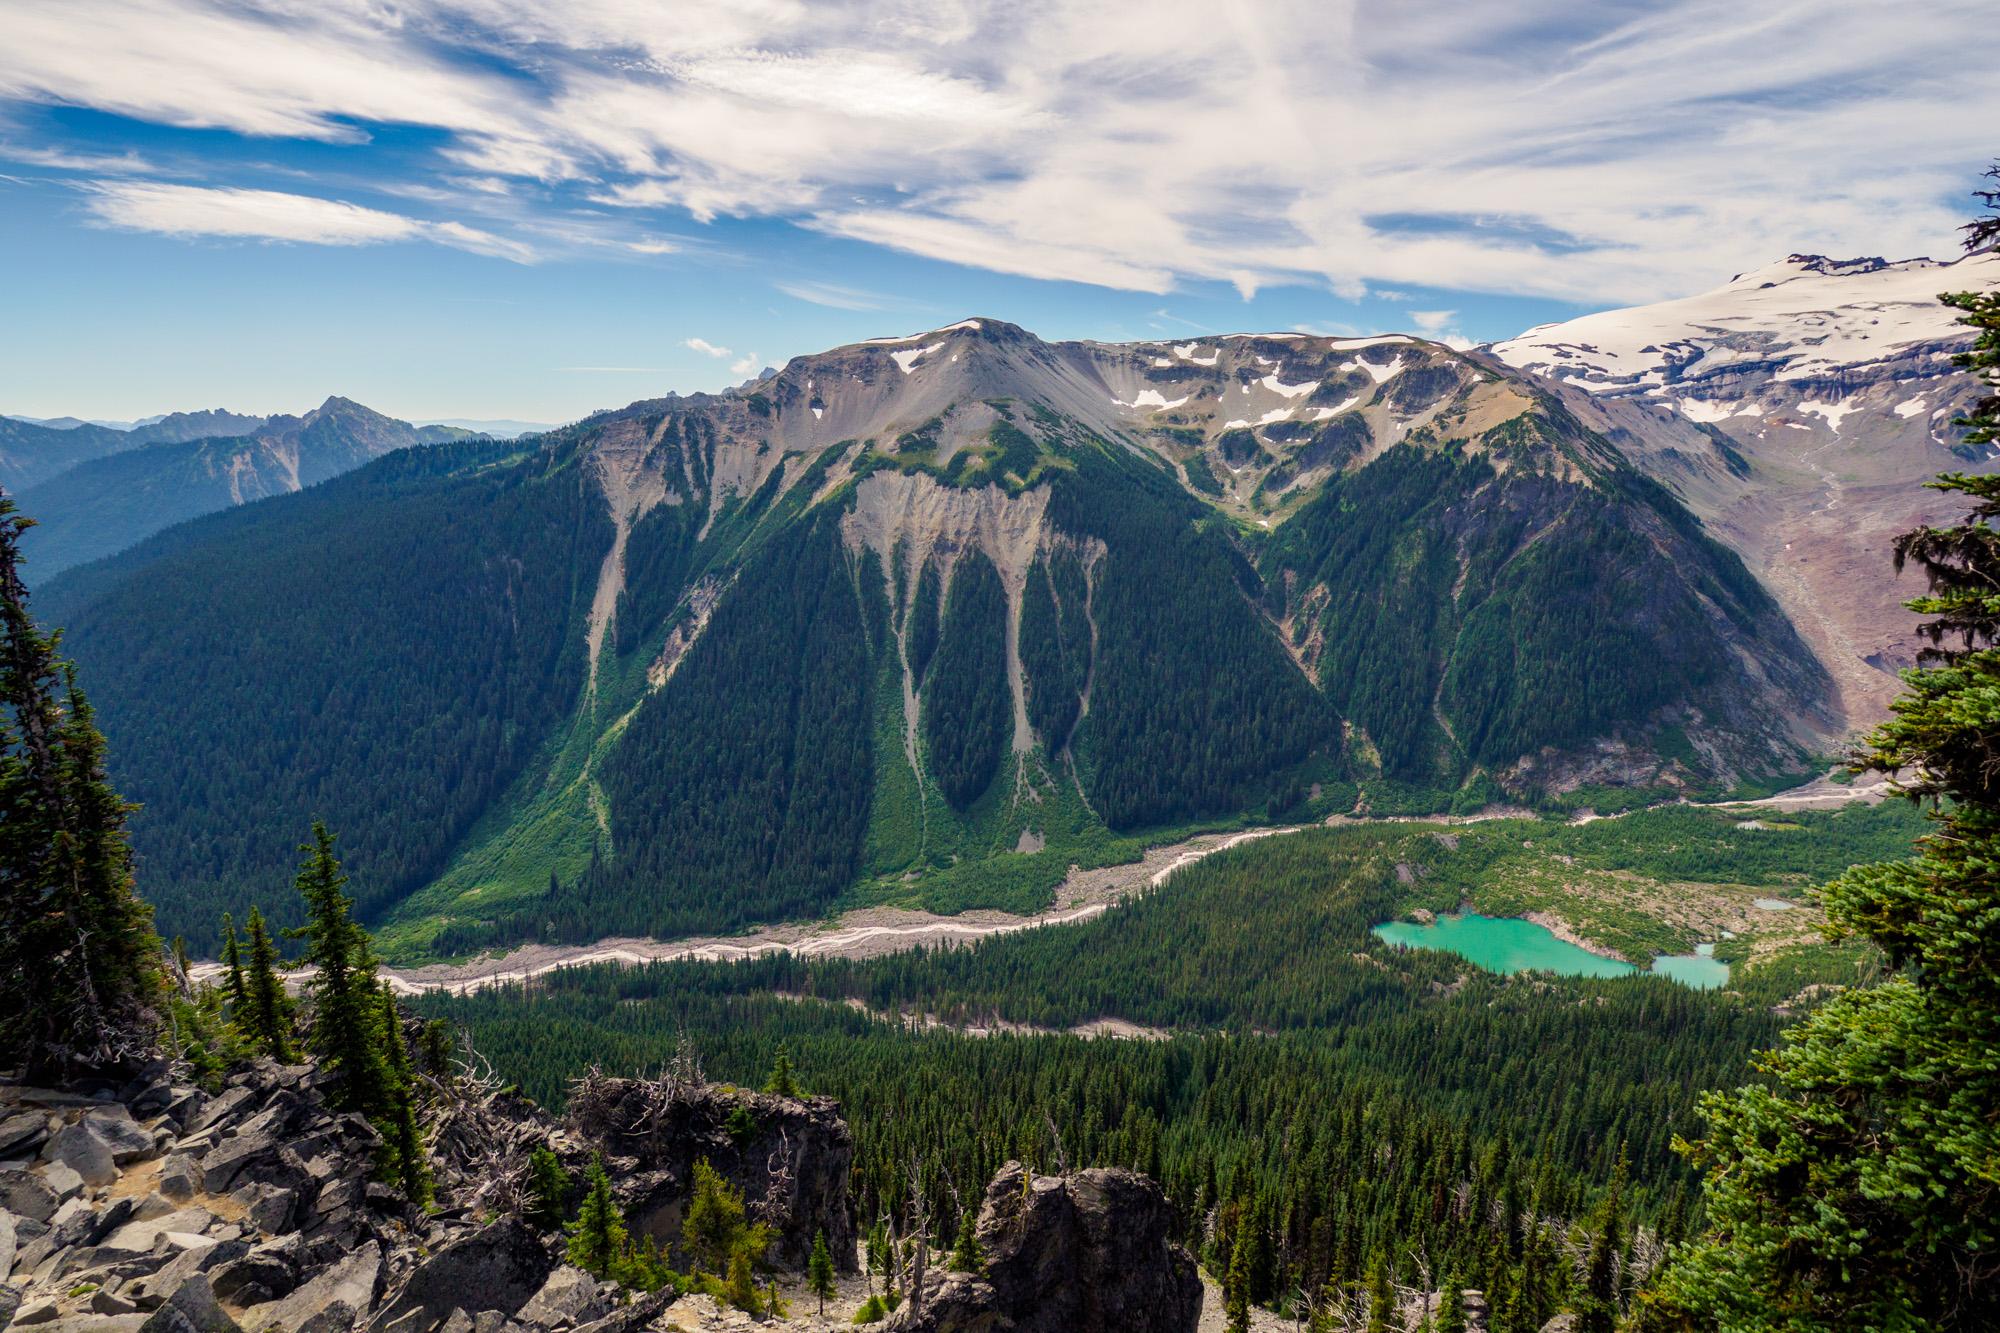 Mt Rainier Nationalpark - Aussicht vom Burrough Mountain Trail